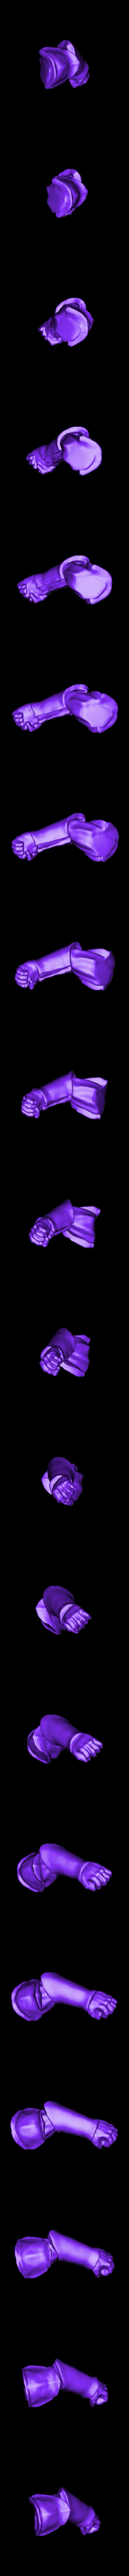 left_arm_v4.stl Télécharger fichier STL gratuit Infatrie des elfes / Miniatures des lanciers • Plan imprimable en 3D, Ilhadiel